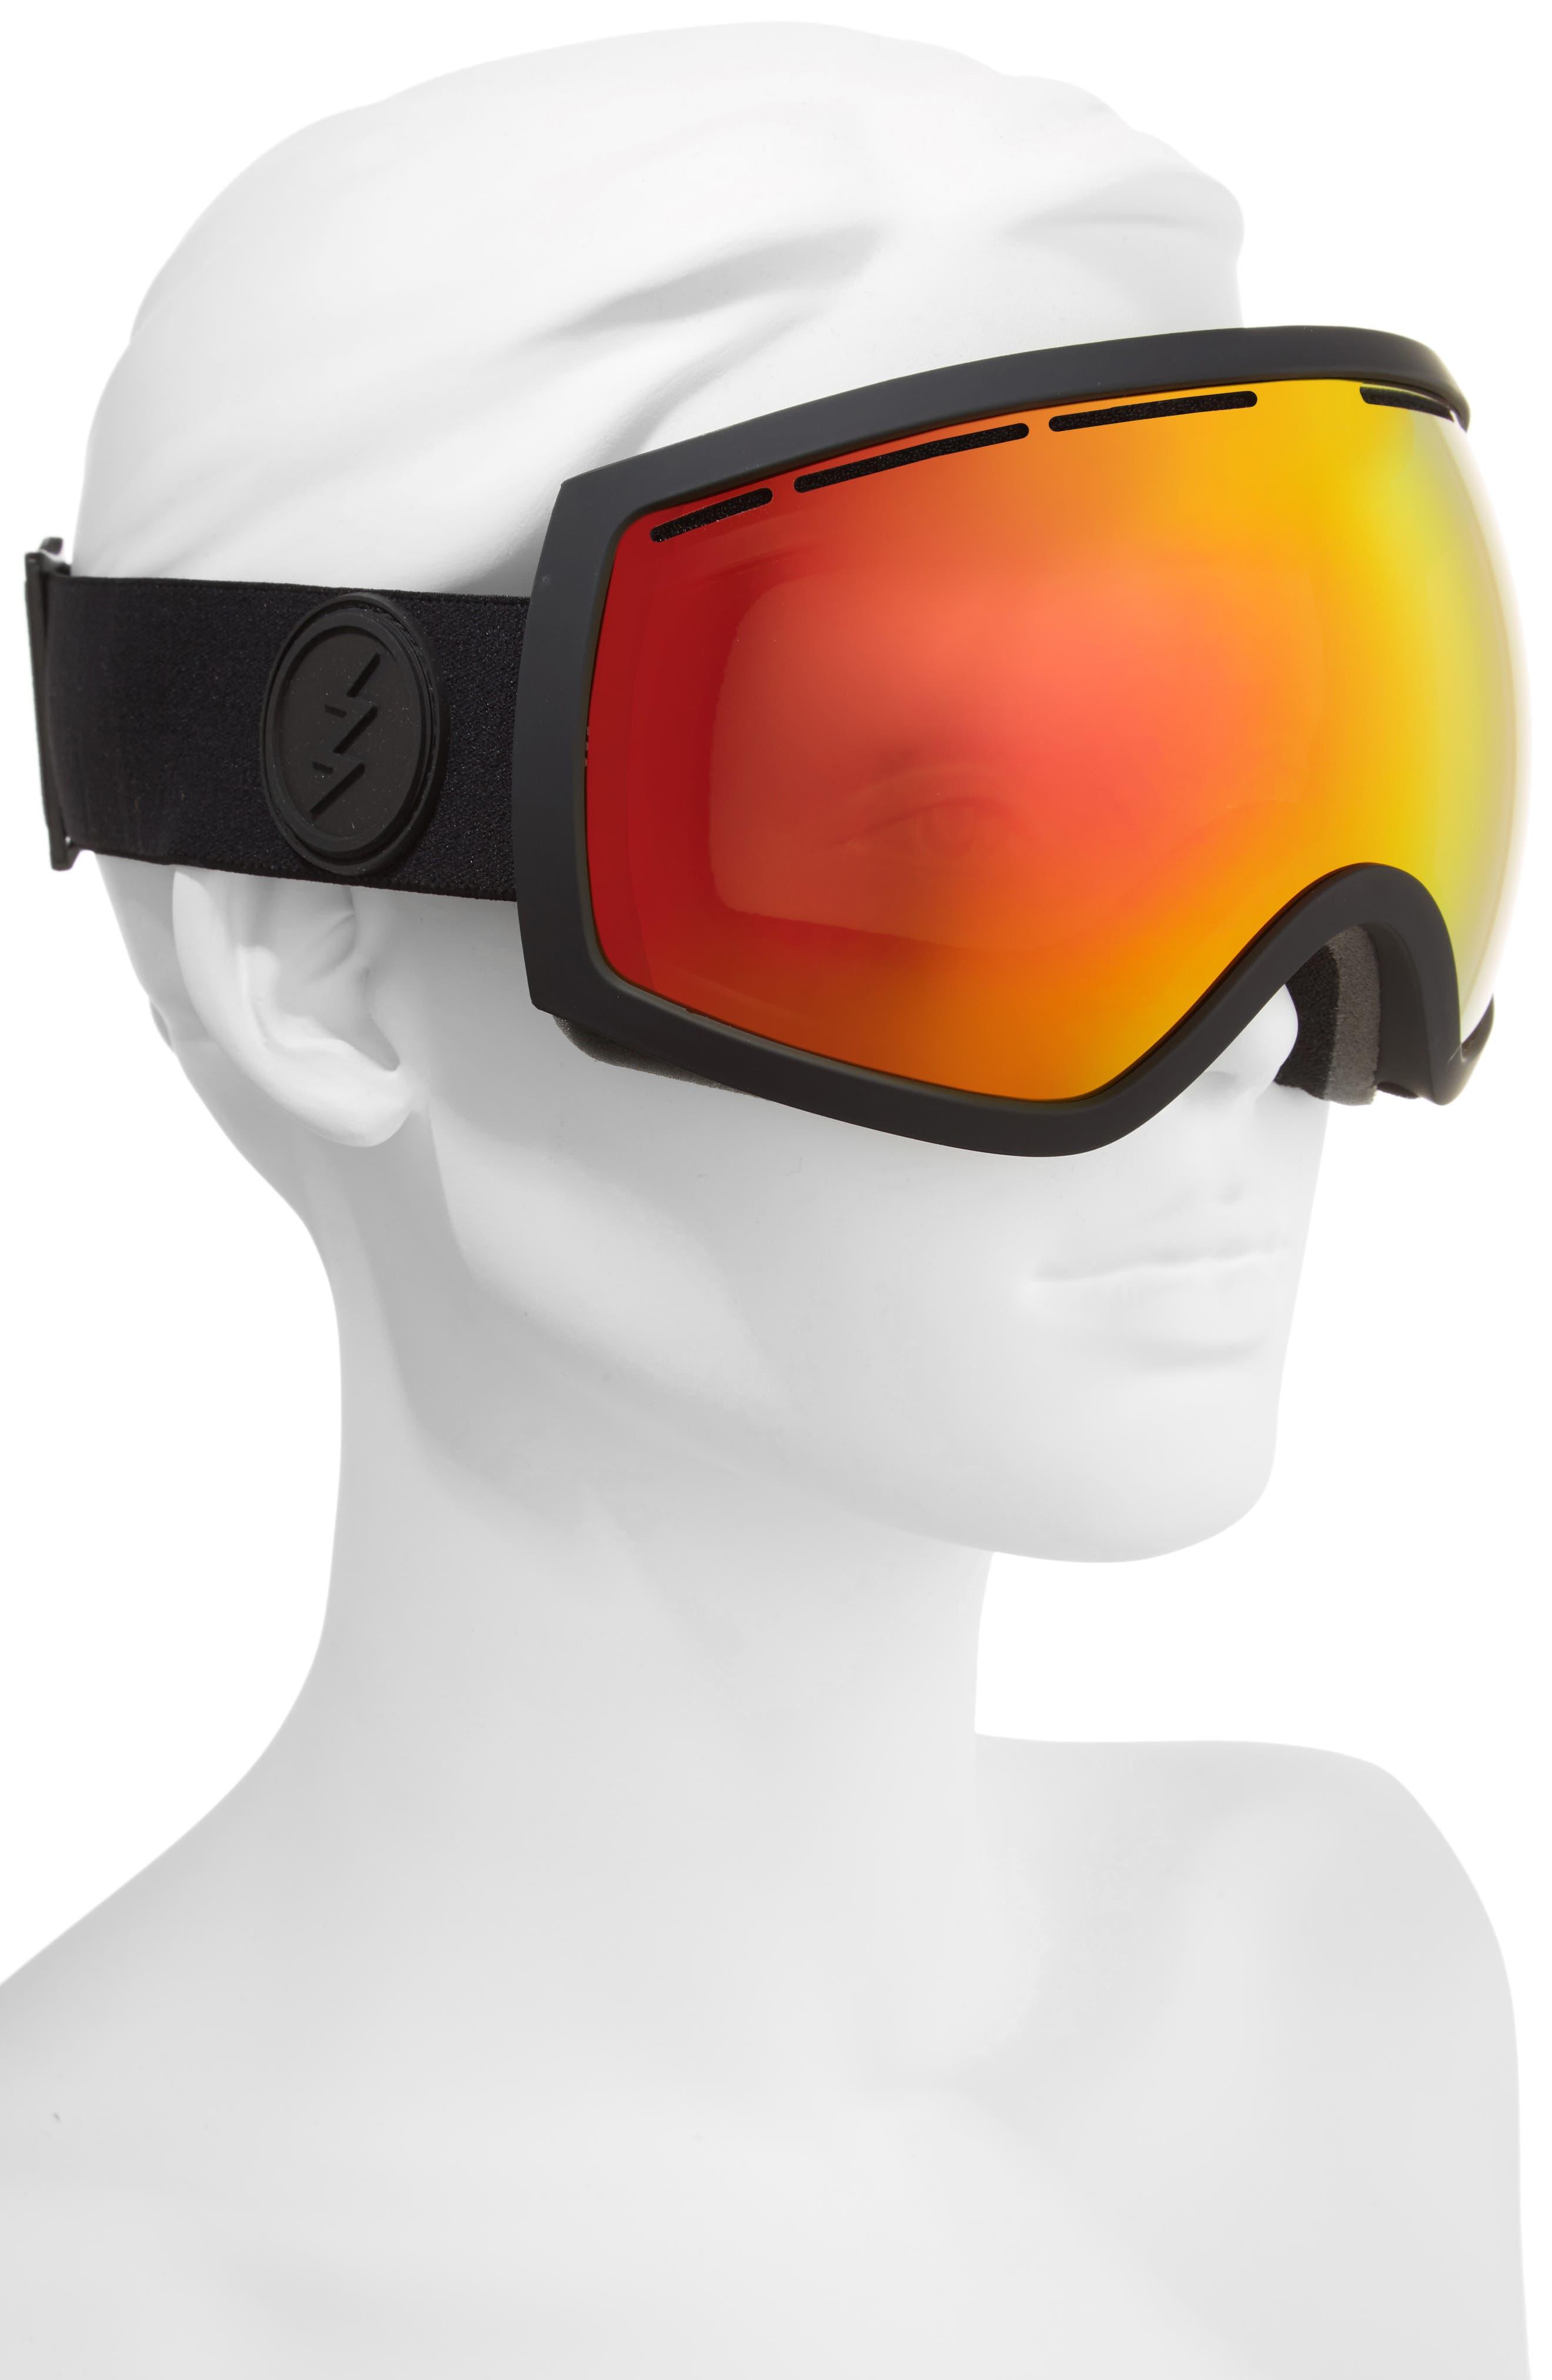 EG2 Snow Goggles,                             Alternate thumbnail 2, color,                             MATTE BLACK/ RED CHROME